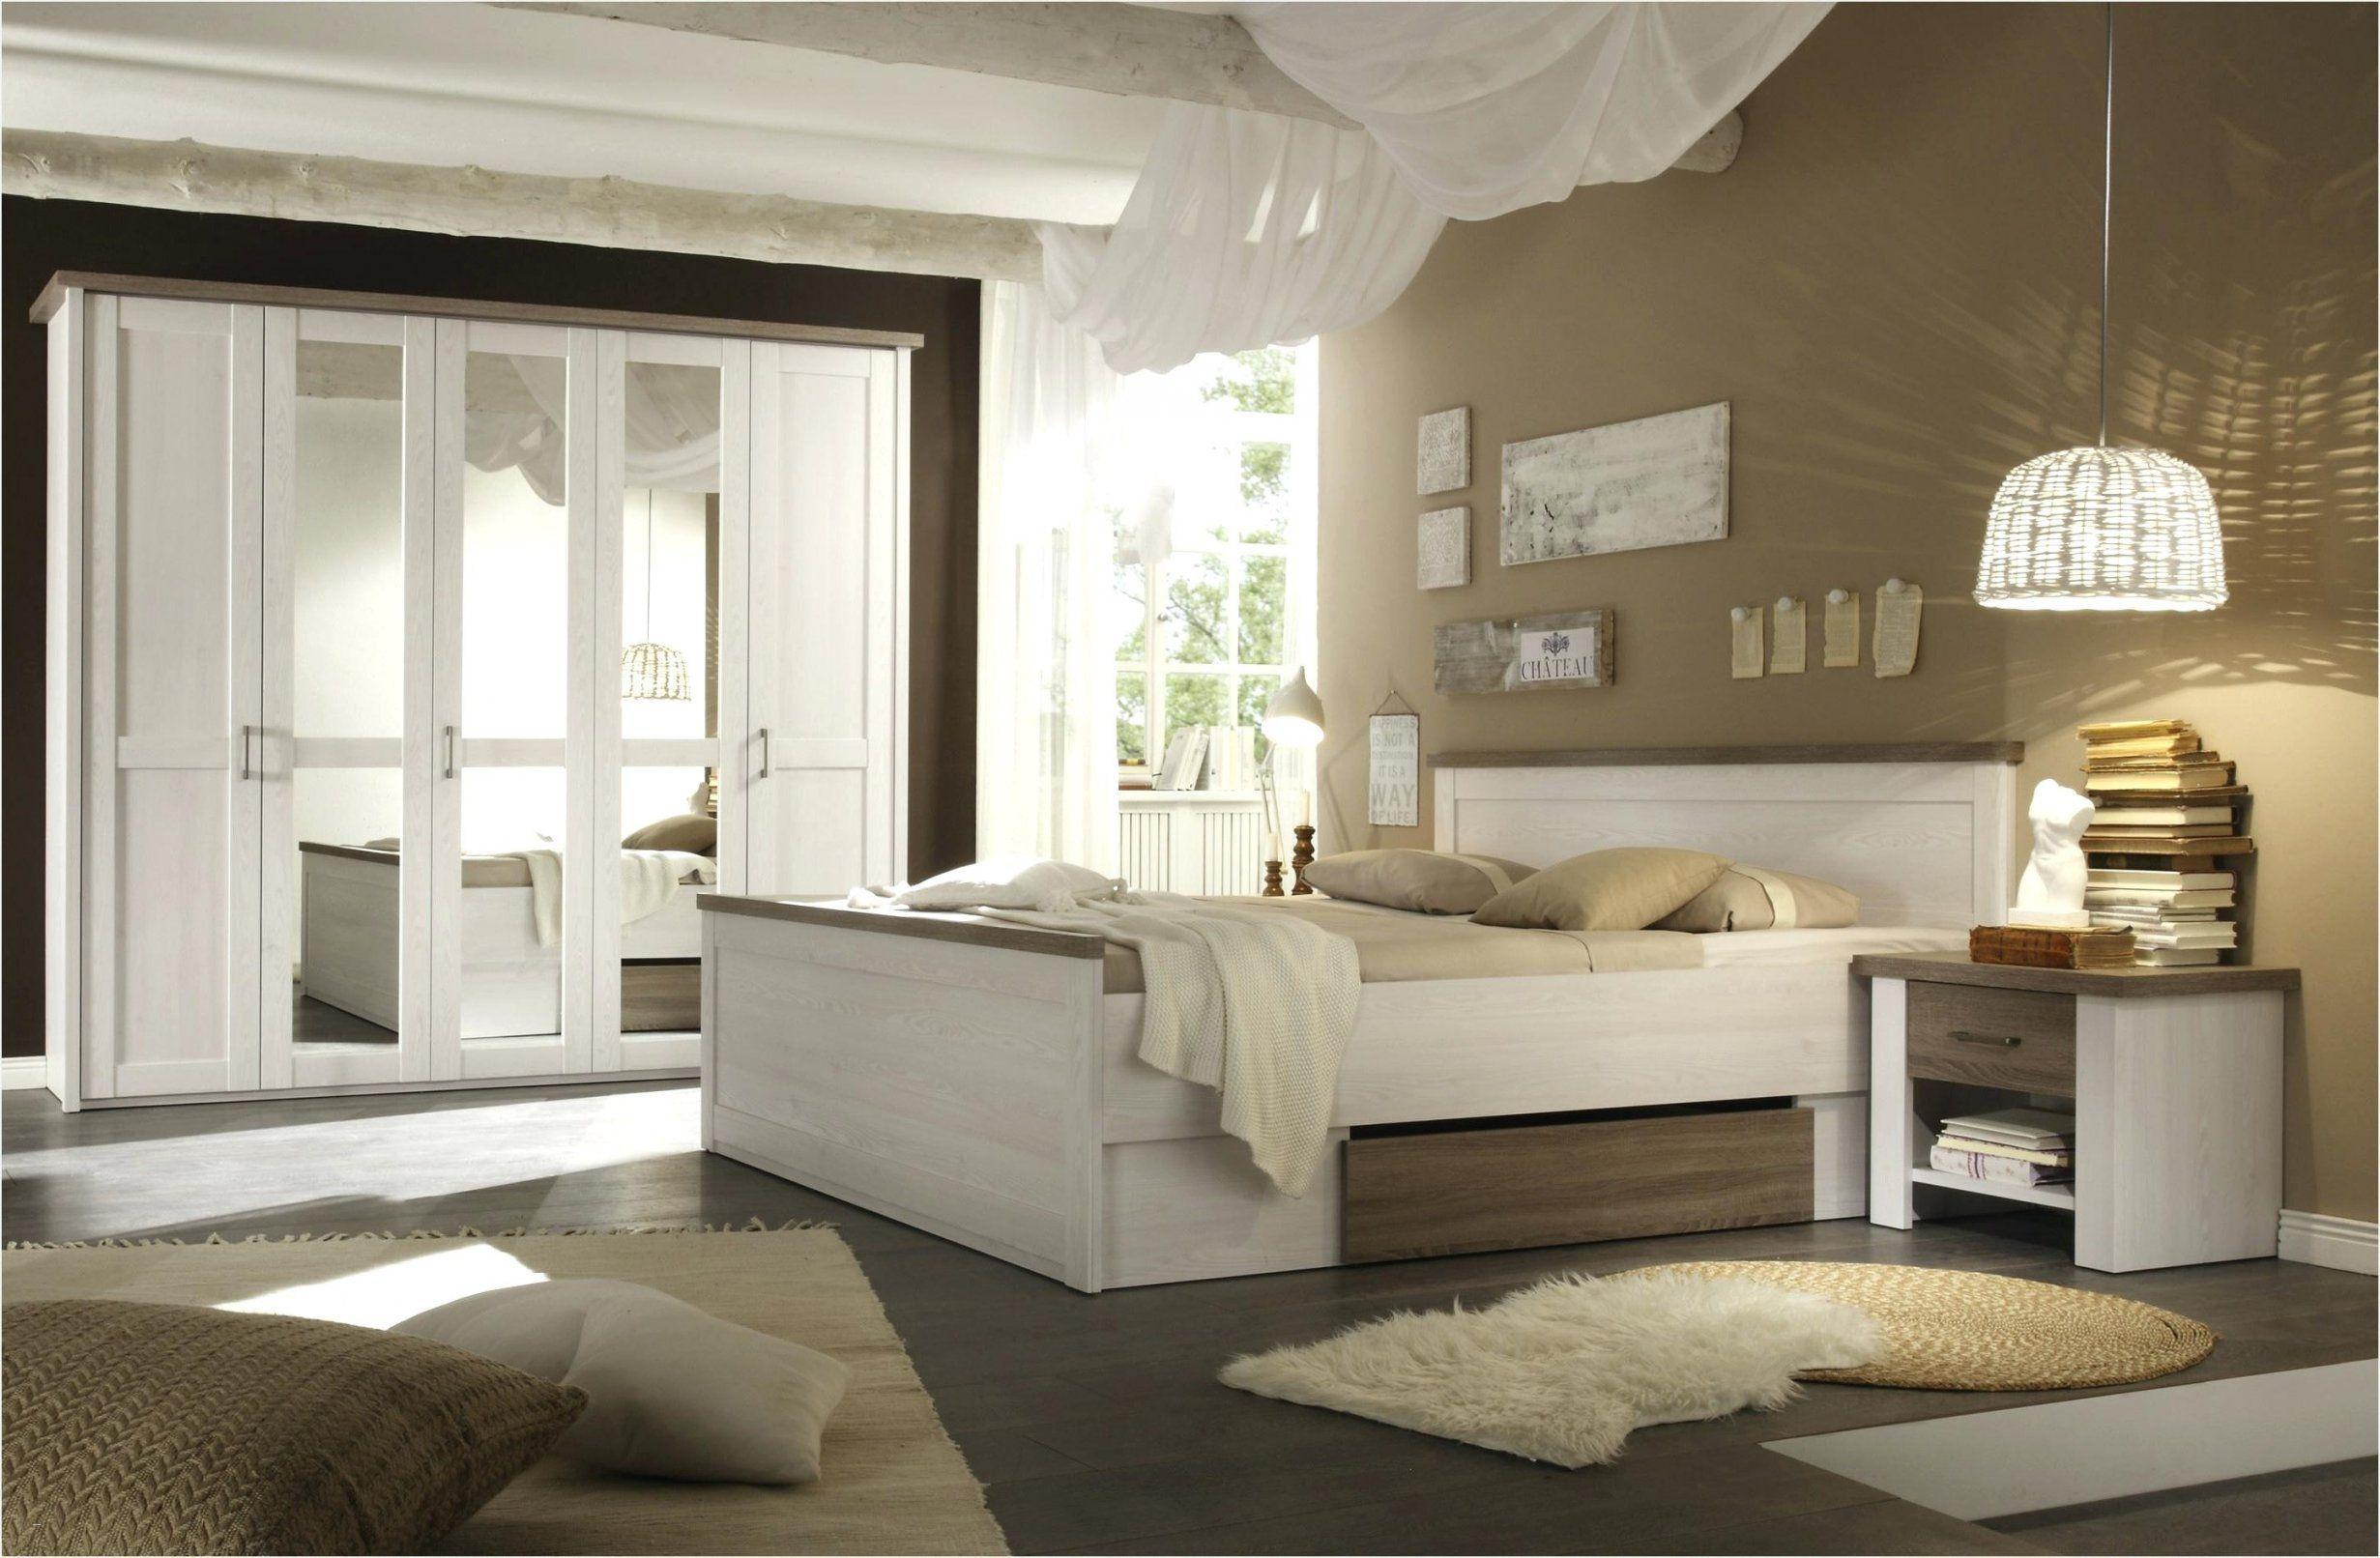 13 Qm Zimmer Einrichten In Recent 13 Qm Zimmer Einrichten Bedroom Wallpaper White Modern Bedroom Furniture French Country Style Bedroom